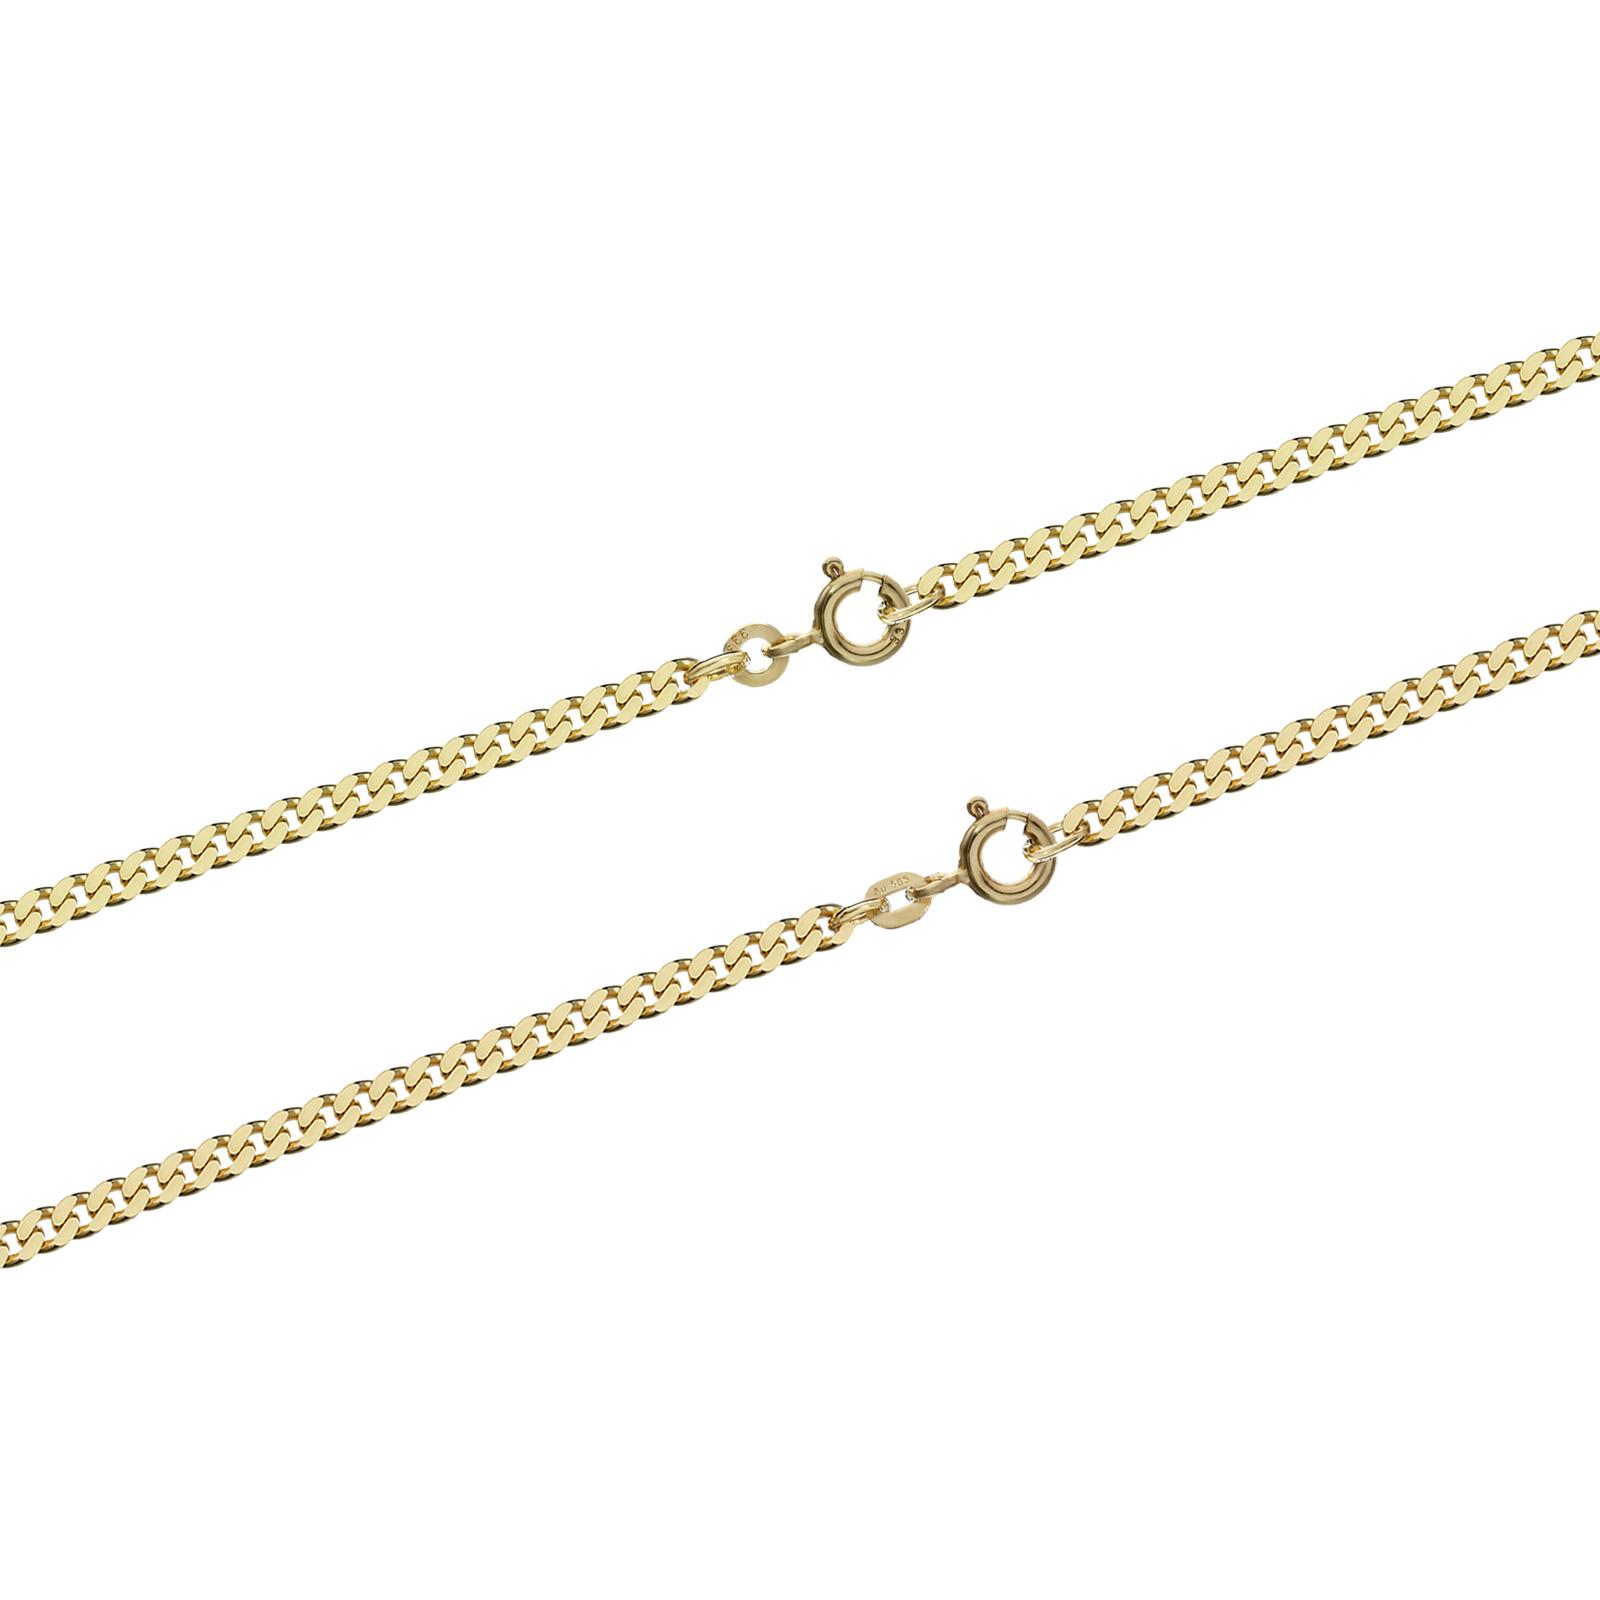 panzerkette massiv gelb gold kette halskette collier. Black Bedroom Furniture Sets. Home Design Ideas